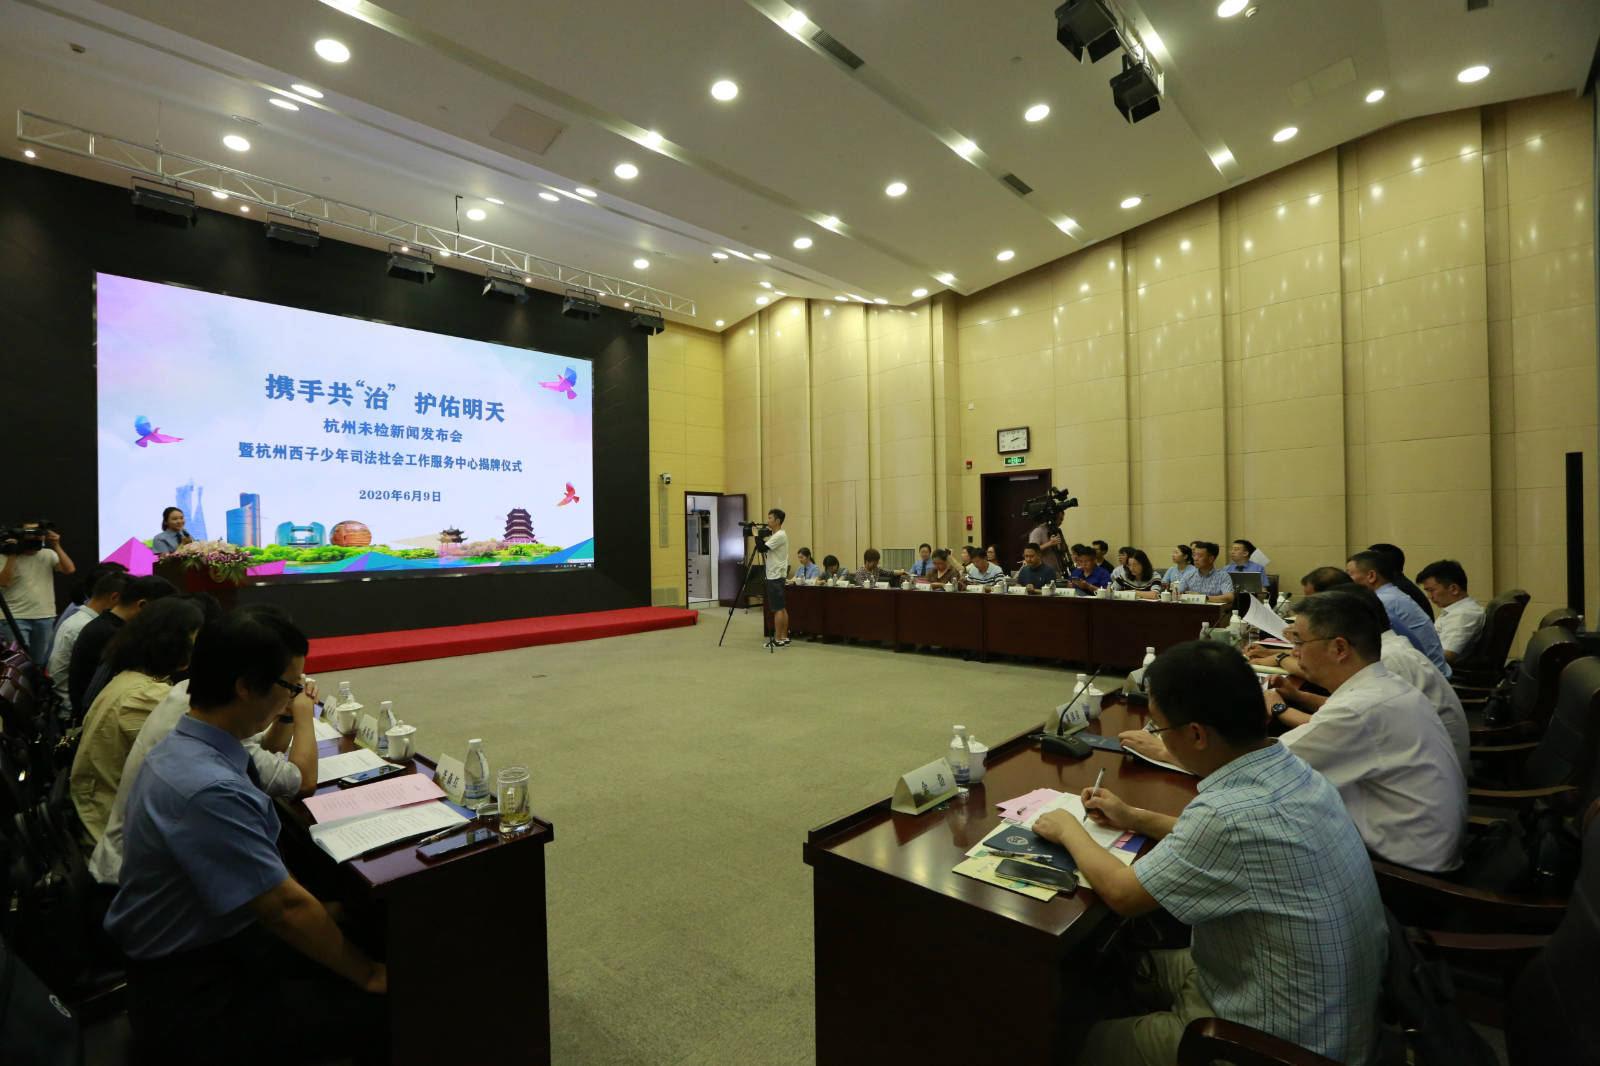 杭州检察联手阿里首创未成年人保